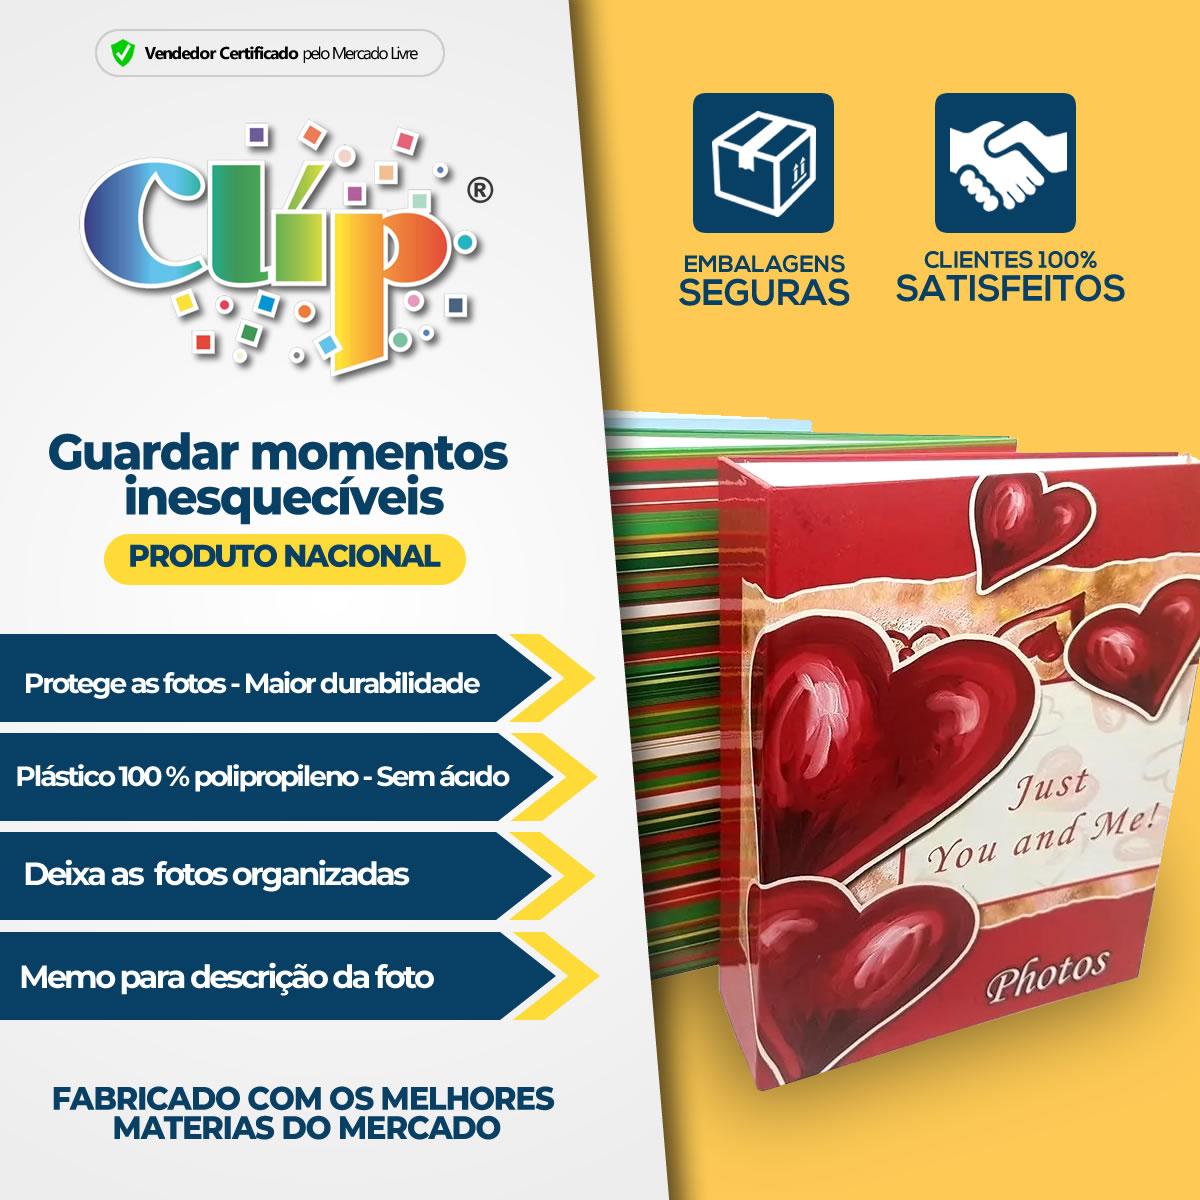 2 albuns de couro 10x15/200 fotos C/FERRAGEM (TIPO FICHARIO) a sua escolha TOTAL 400 FOTOS 10X15